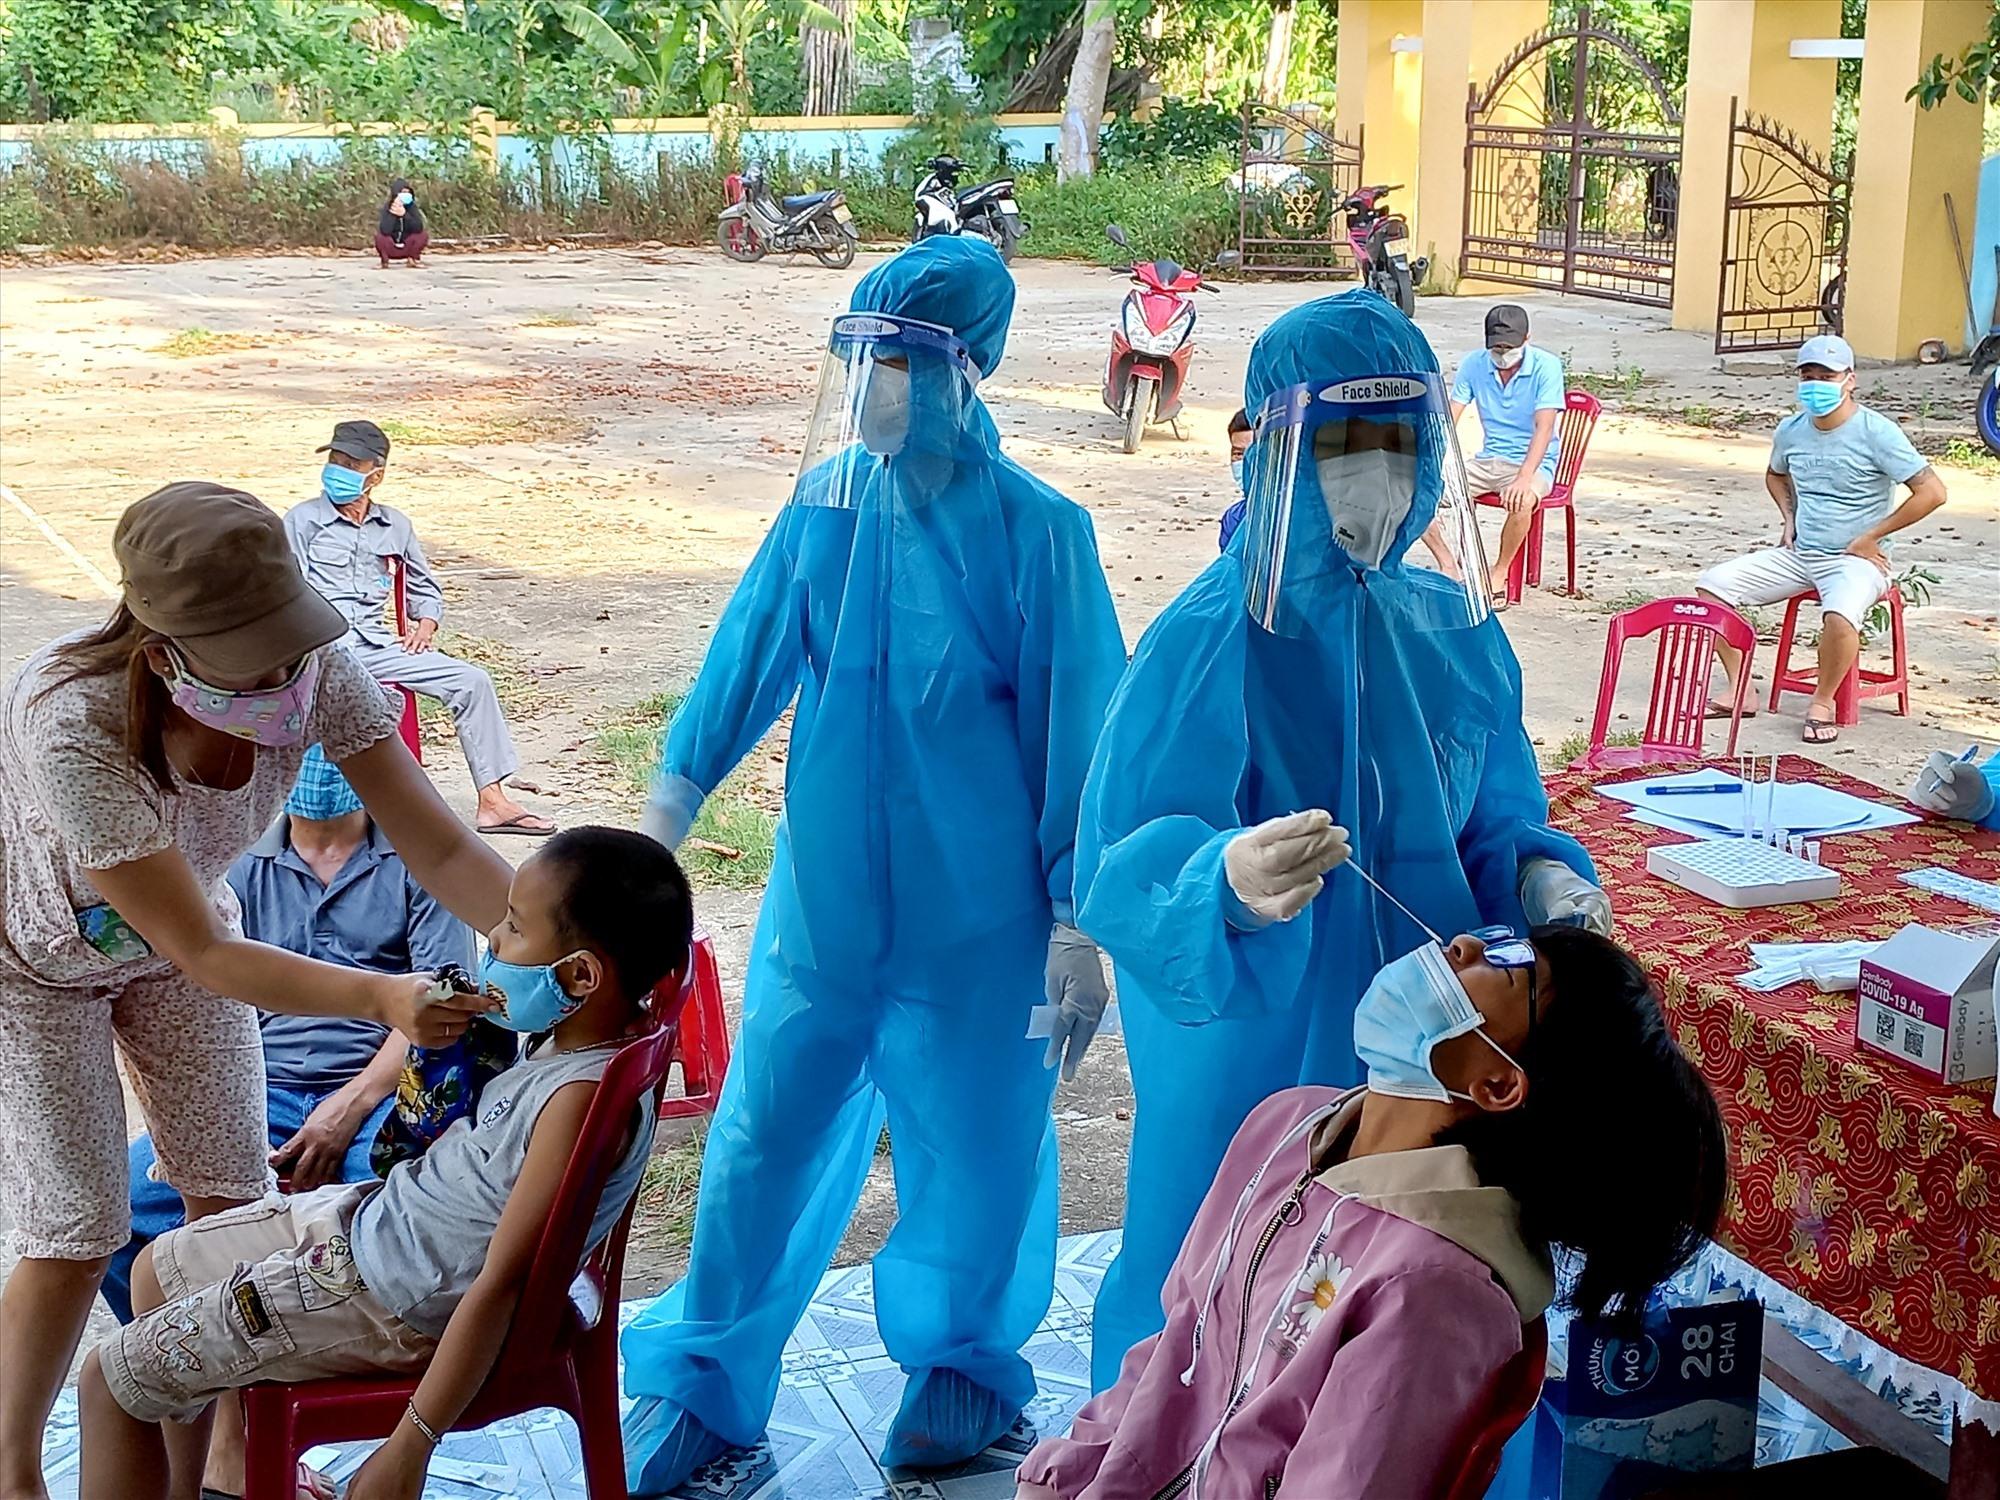 Lấy mẫu xét nghiệm cho người dân thôn Phú Phước vào chiều nay. Ảnh: CT